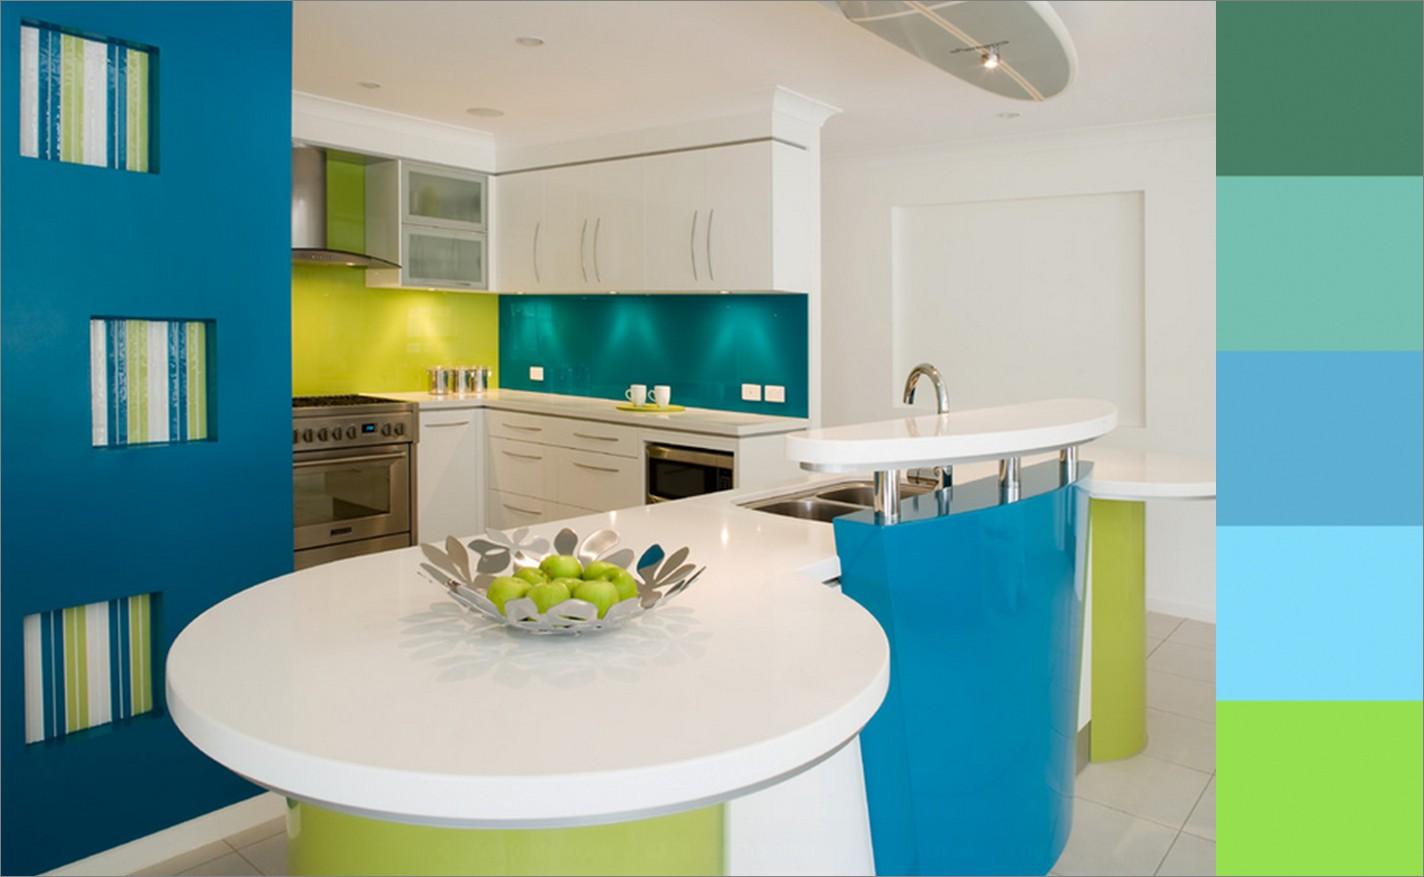 Сочетание цветов с бирюзовым в интерьере кухни фото